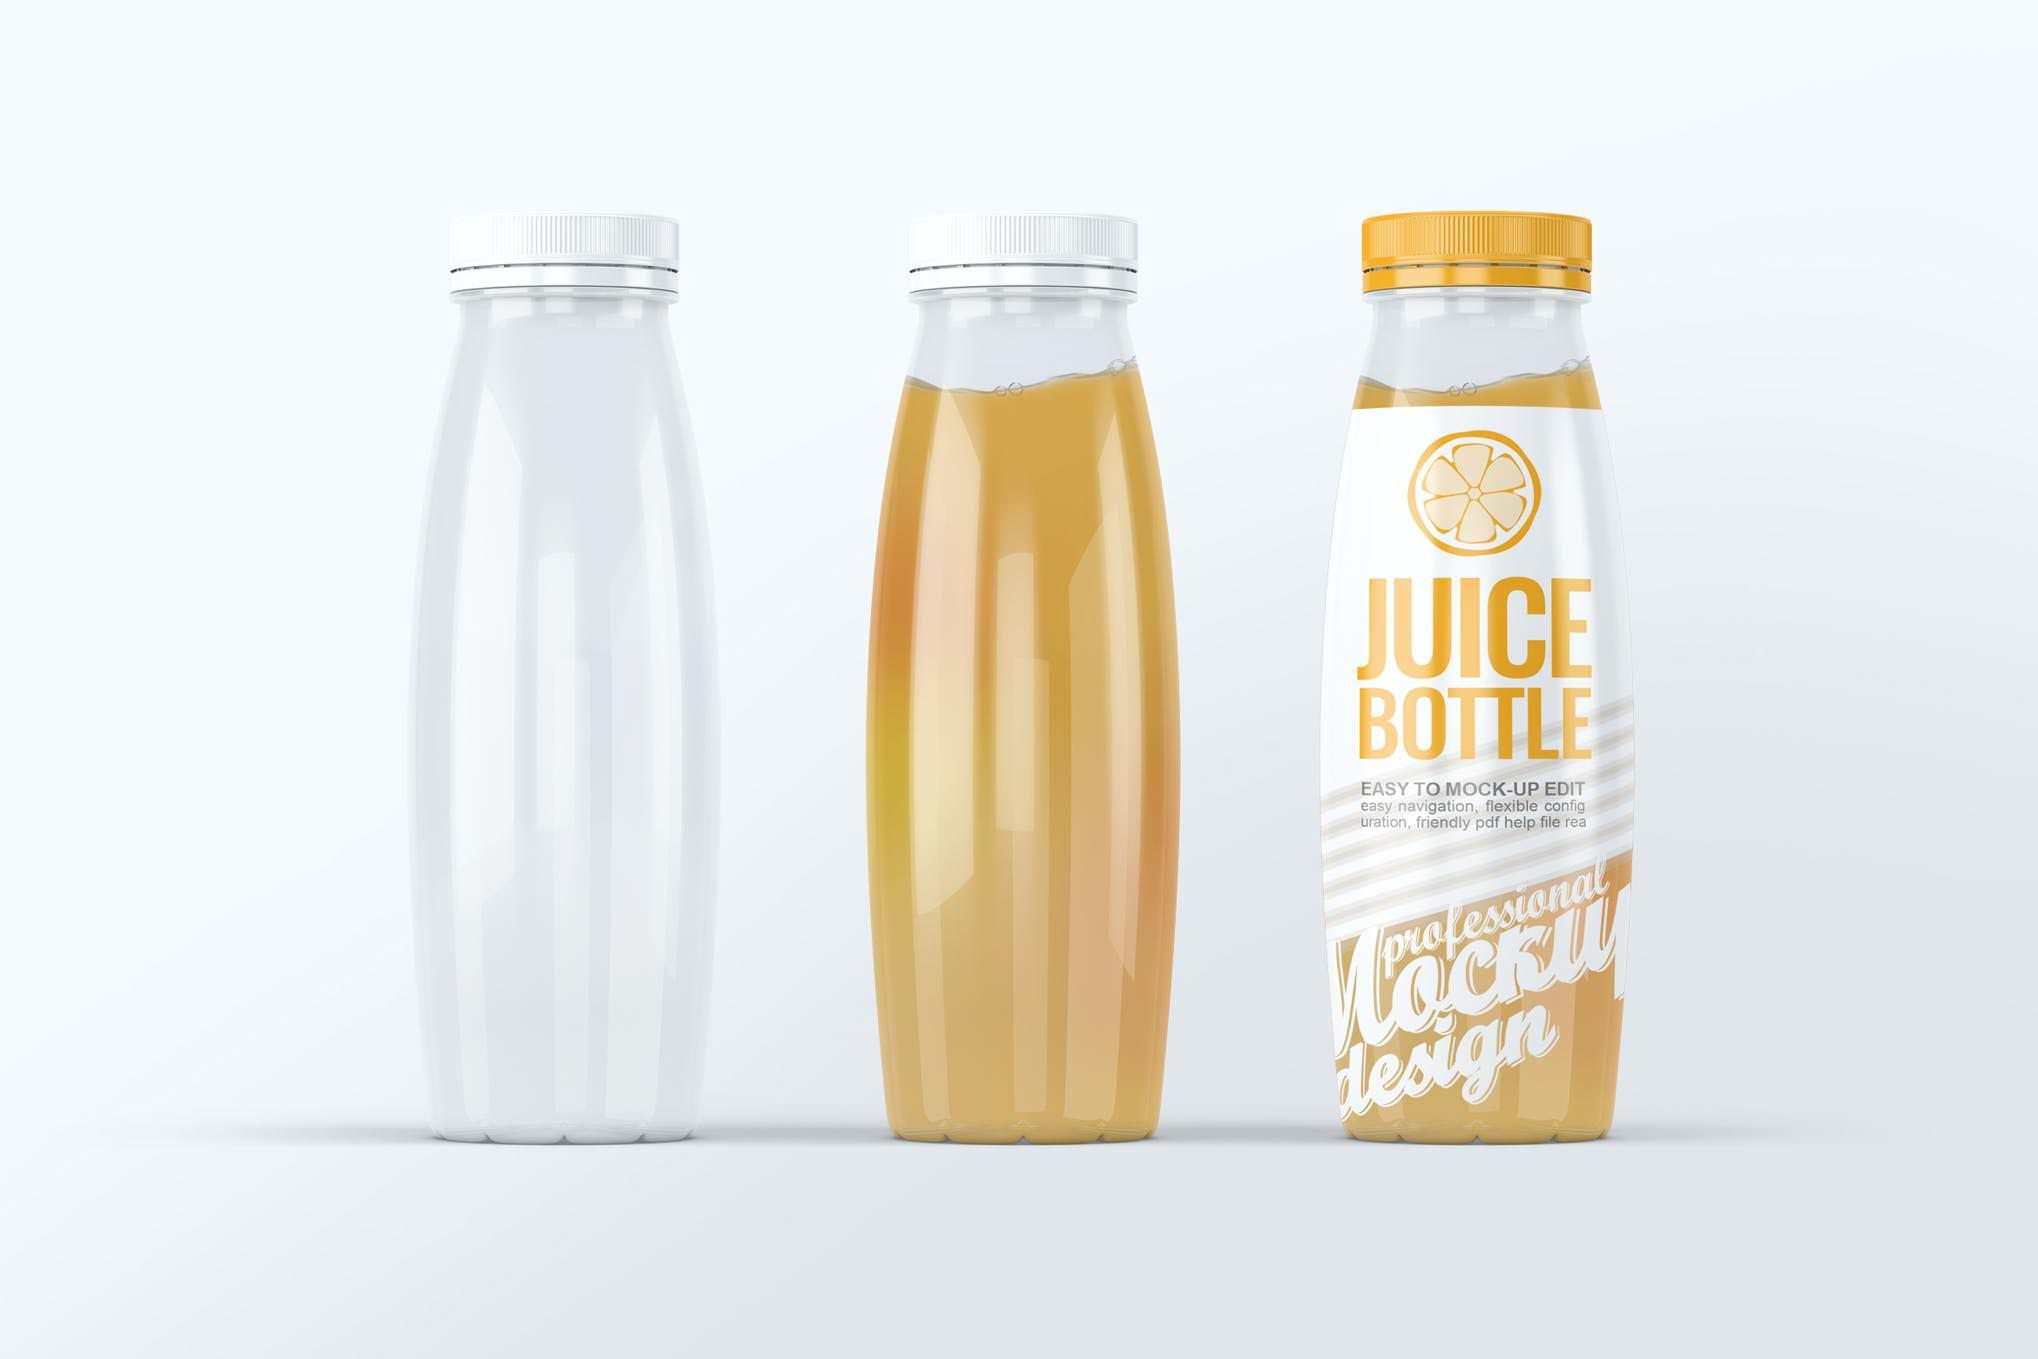 果汁瓶样机效果图插图(1)